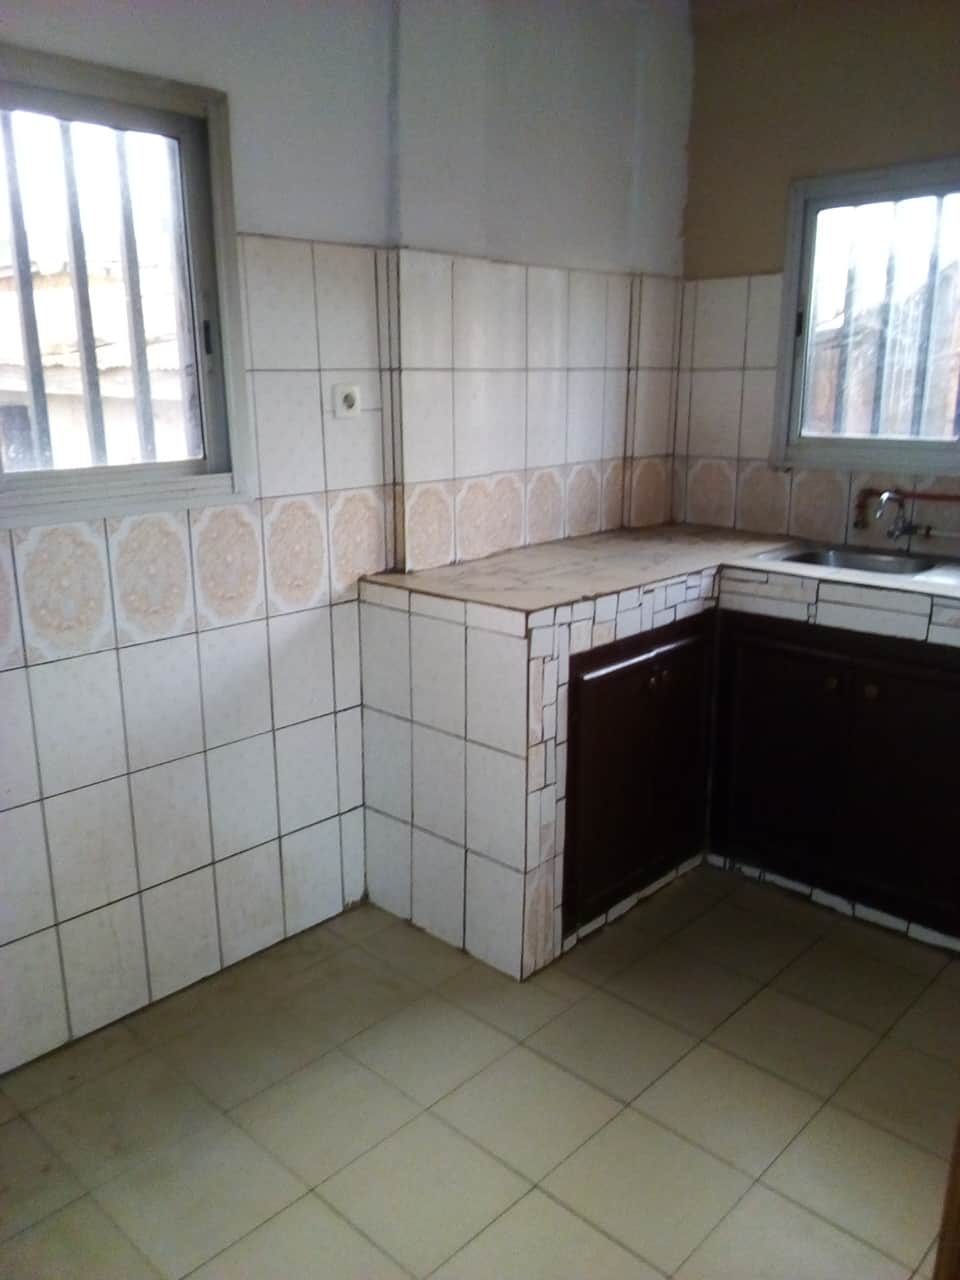 Appartement à louer - Yaoundé, Mballa II, pas loin DE REGI - 1 salon(s), 2 chambre(s), 2 salle(s) de bains - 180 000 FCFA / mois